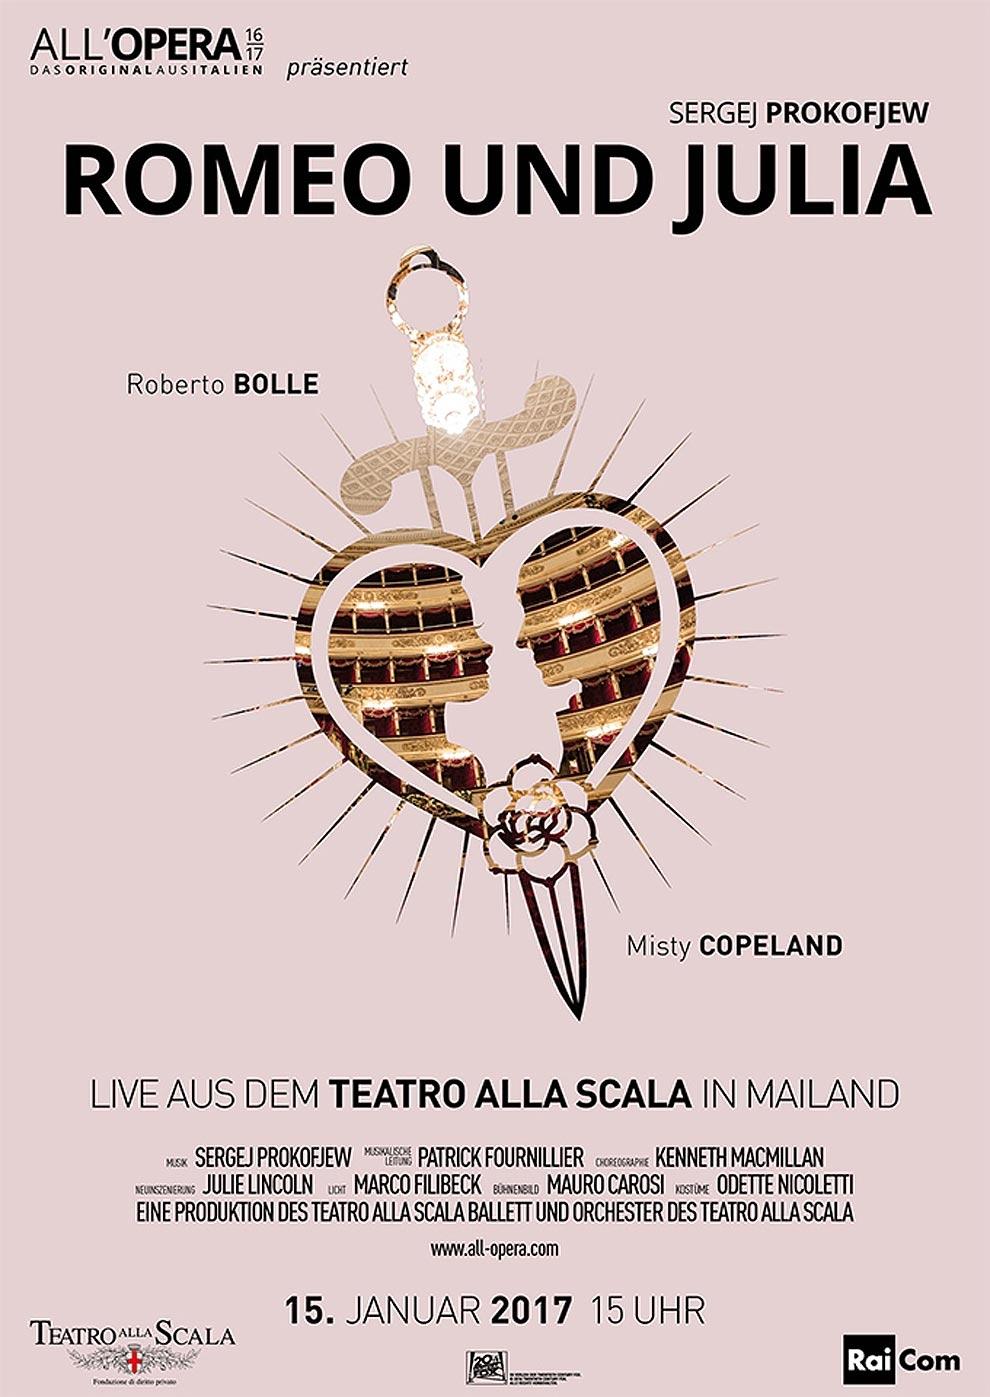 All' Opera 16/17: Romeo und Julia (Aufzeichnung) (Poster)